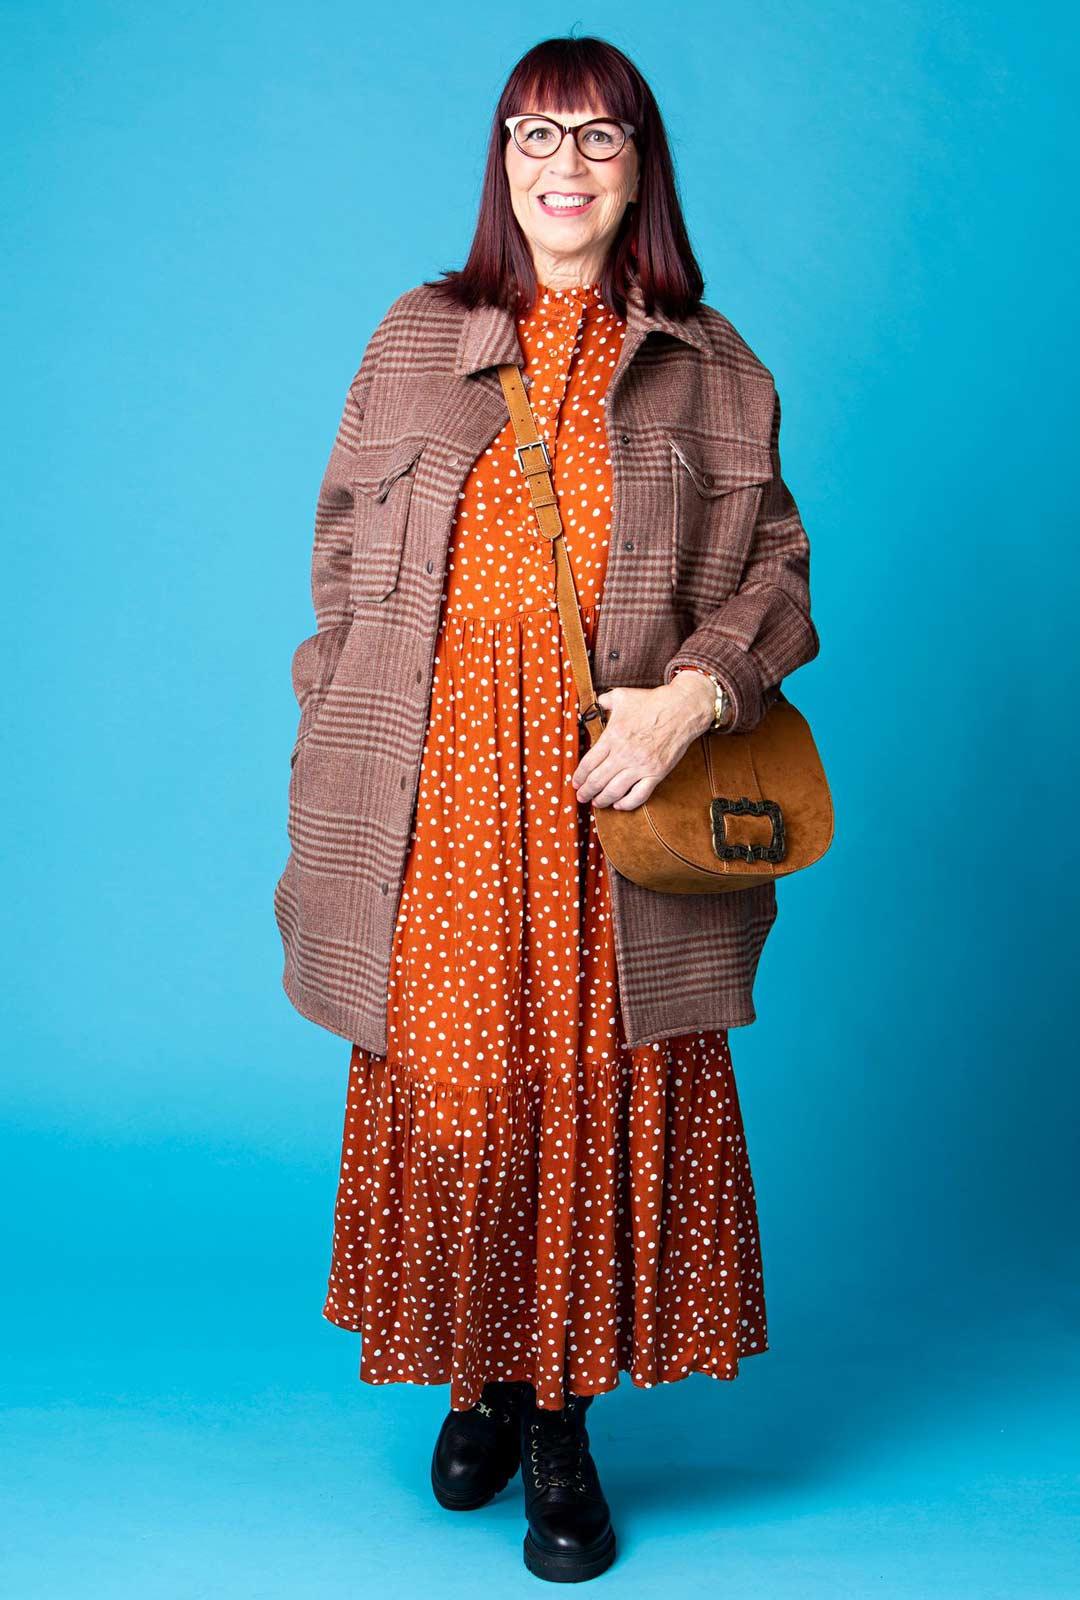 Ylisuuri sopii pitkälle naiselle. Syksyn uutuus, jättipaitaa muistuttava takki tuo mieleen metsurin pusakan. Rentoon tyyliin sopivat takin alta näkyvät mekon helmat.